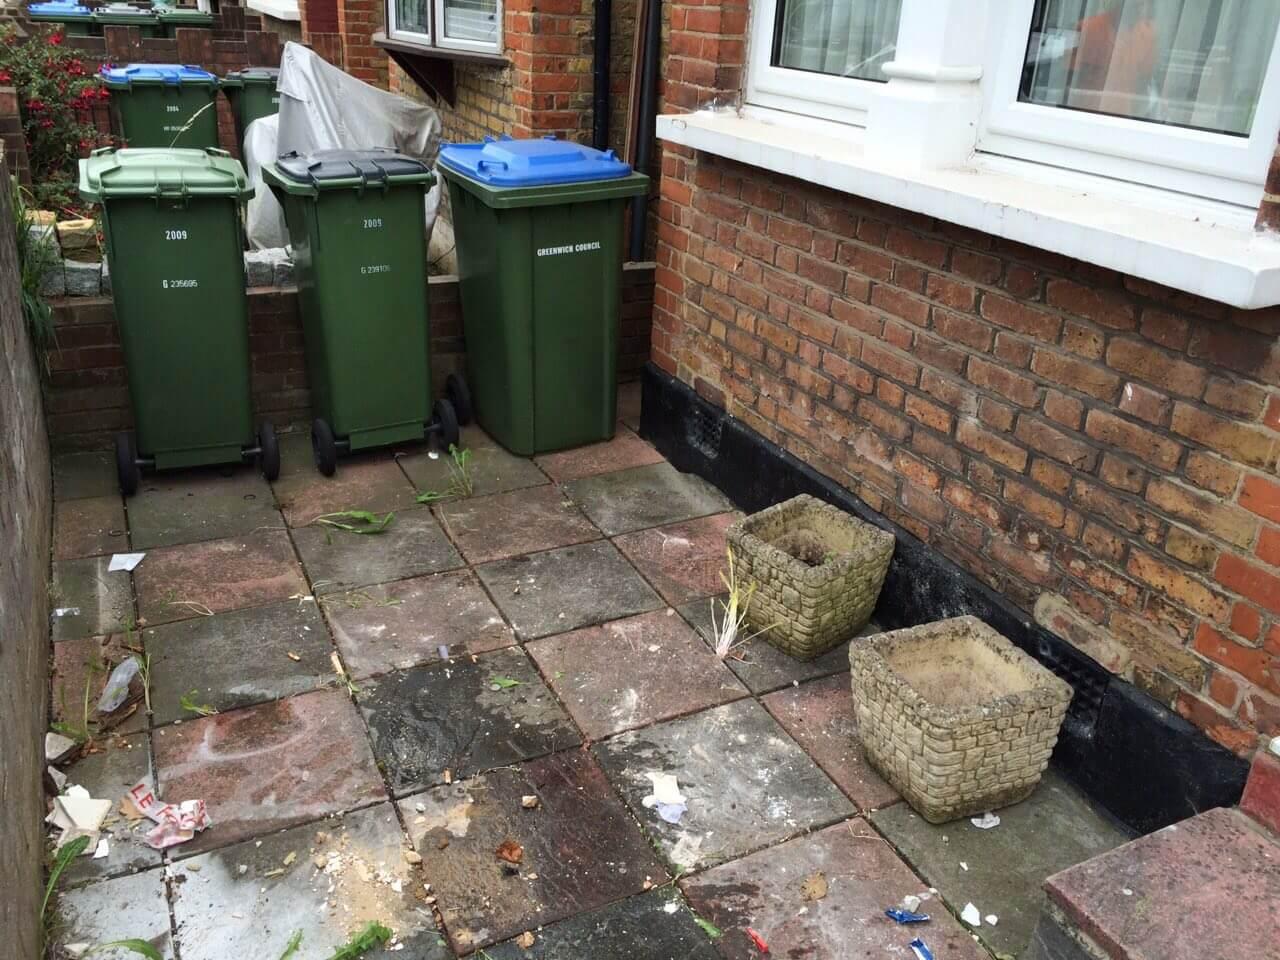 Woodford Rubbish Collectors E18